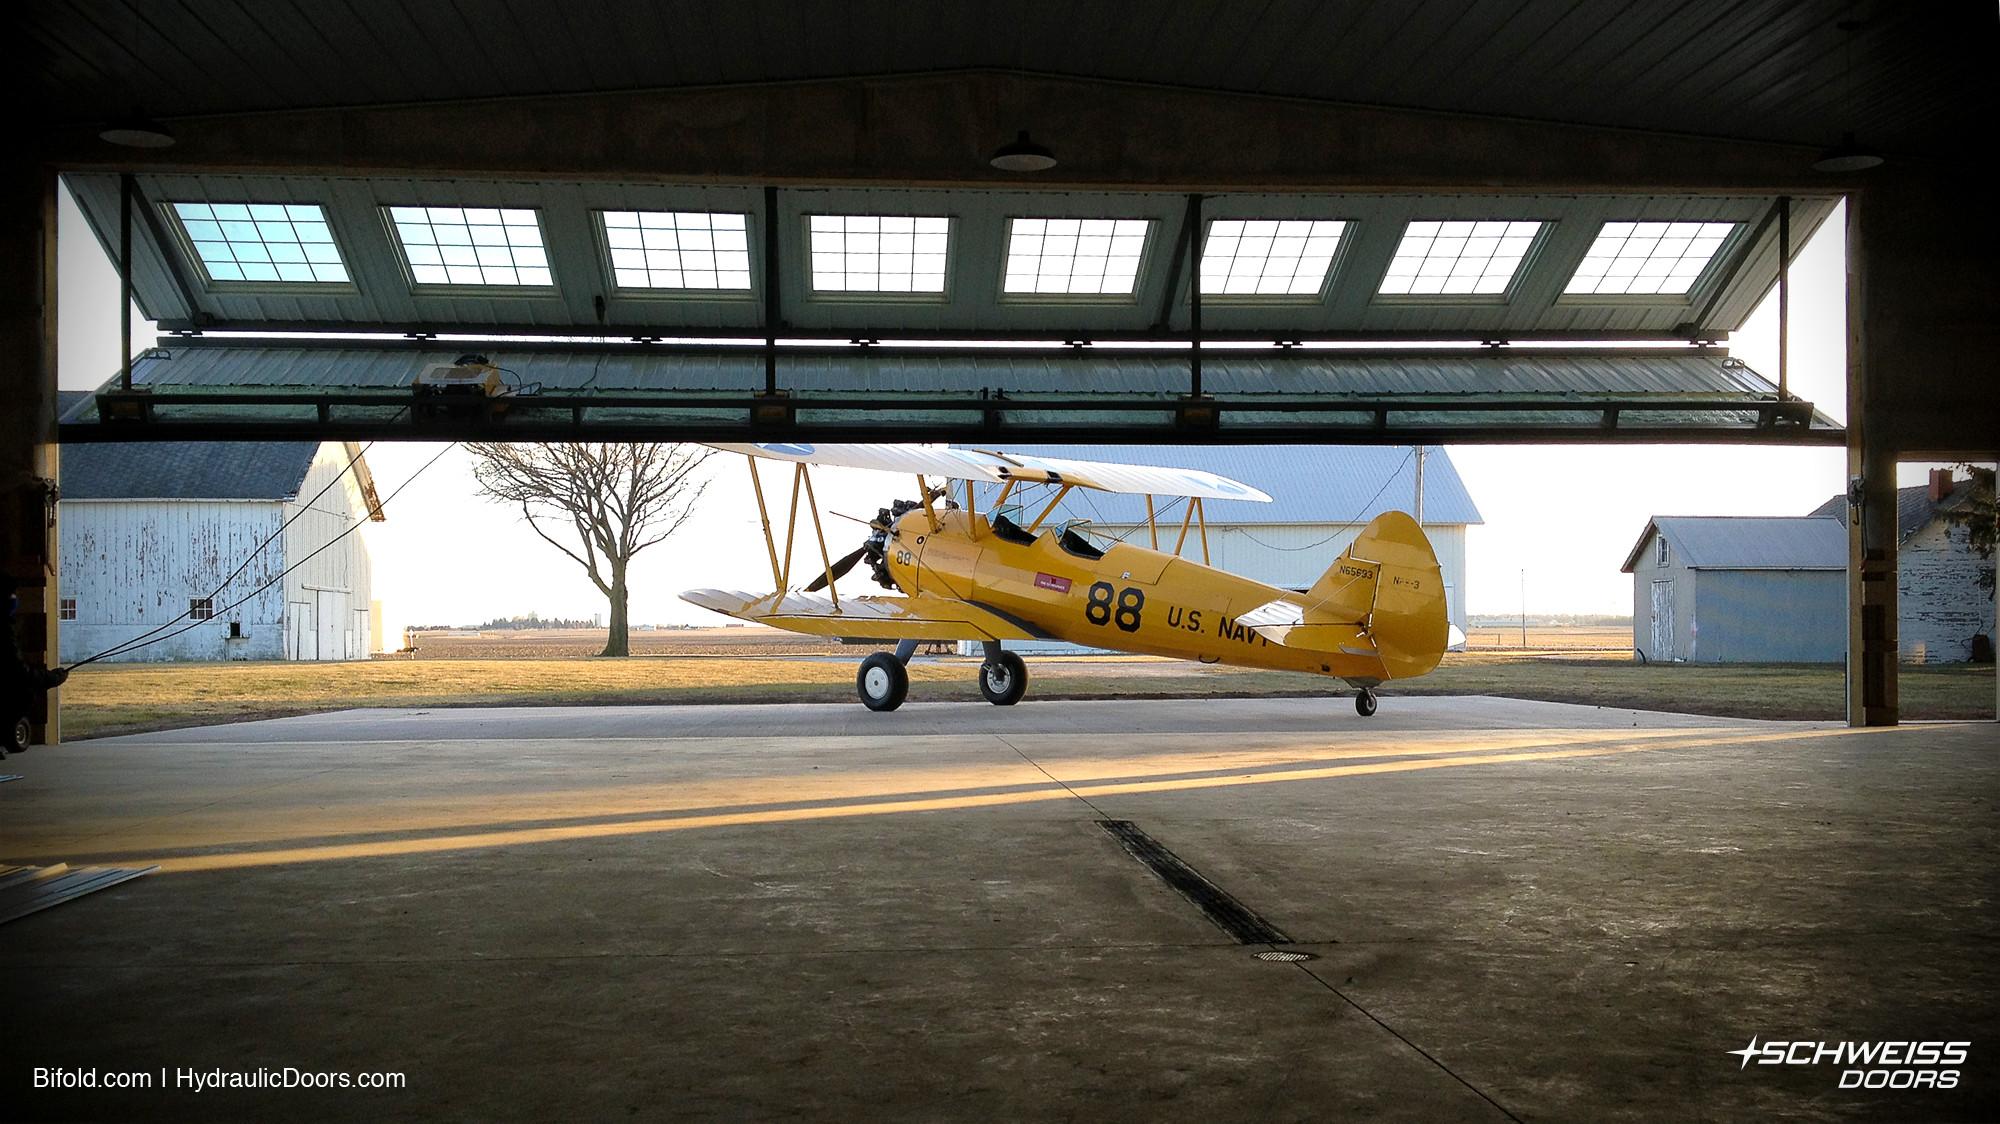 Schweiss Hangar Door opens to let Bi-Plane out of hangar